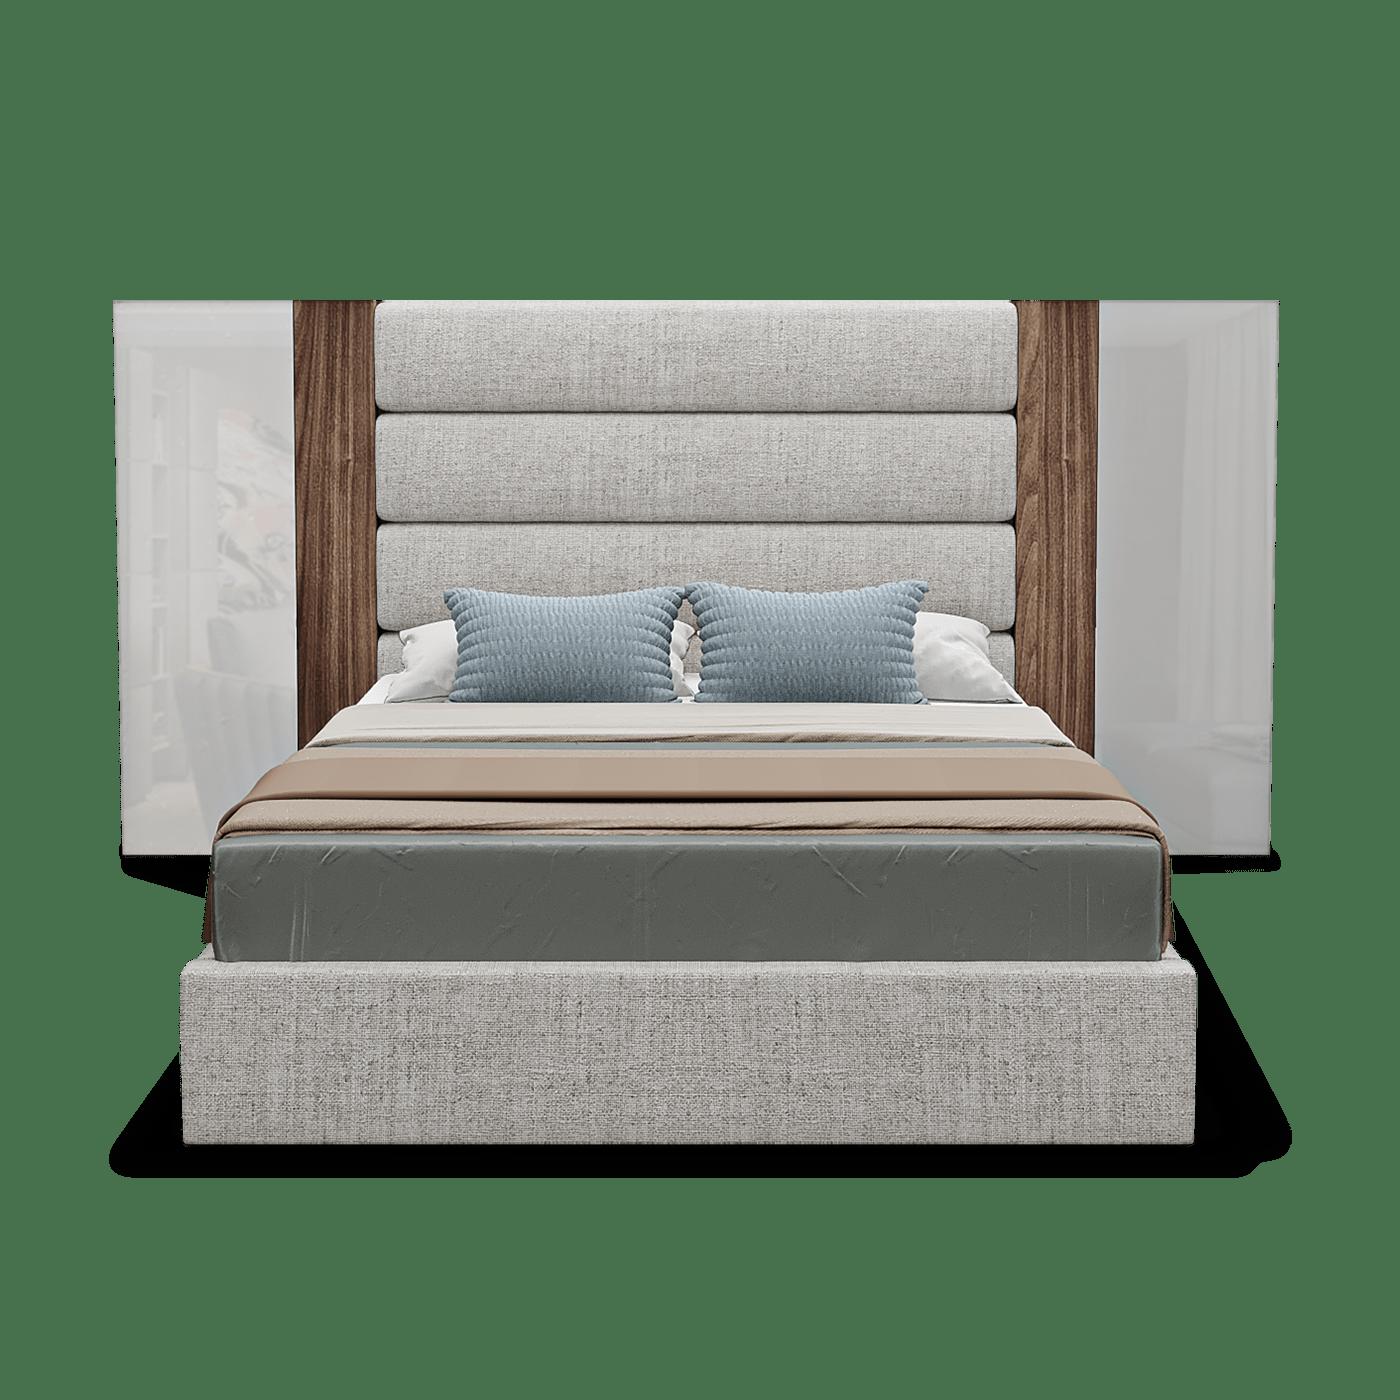 Corsi Bed